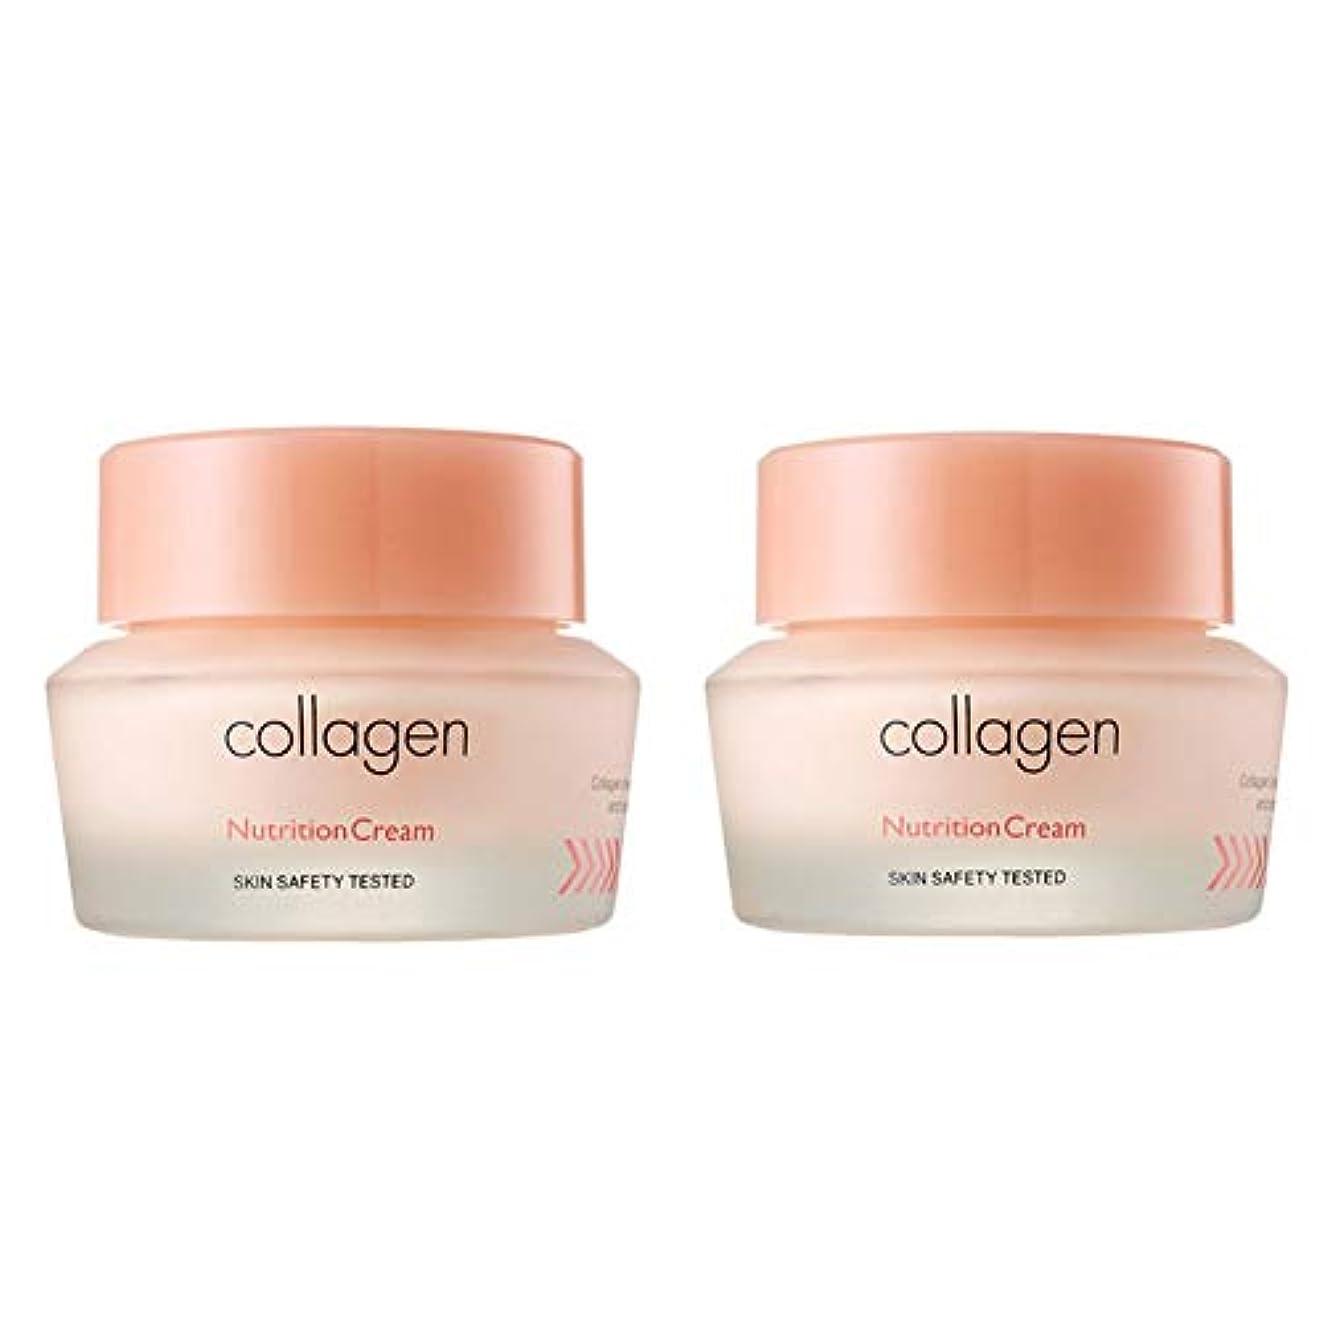 鉛方向警察署イッツスキンコラーゲン栄養クリーム50ml x 2本セット、It's Skin Collagen Nutrition Cream 50ml x 2ea Set [並行輸入品]